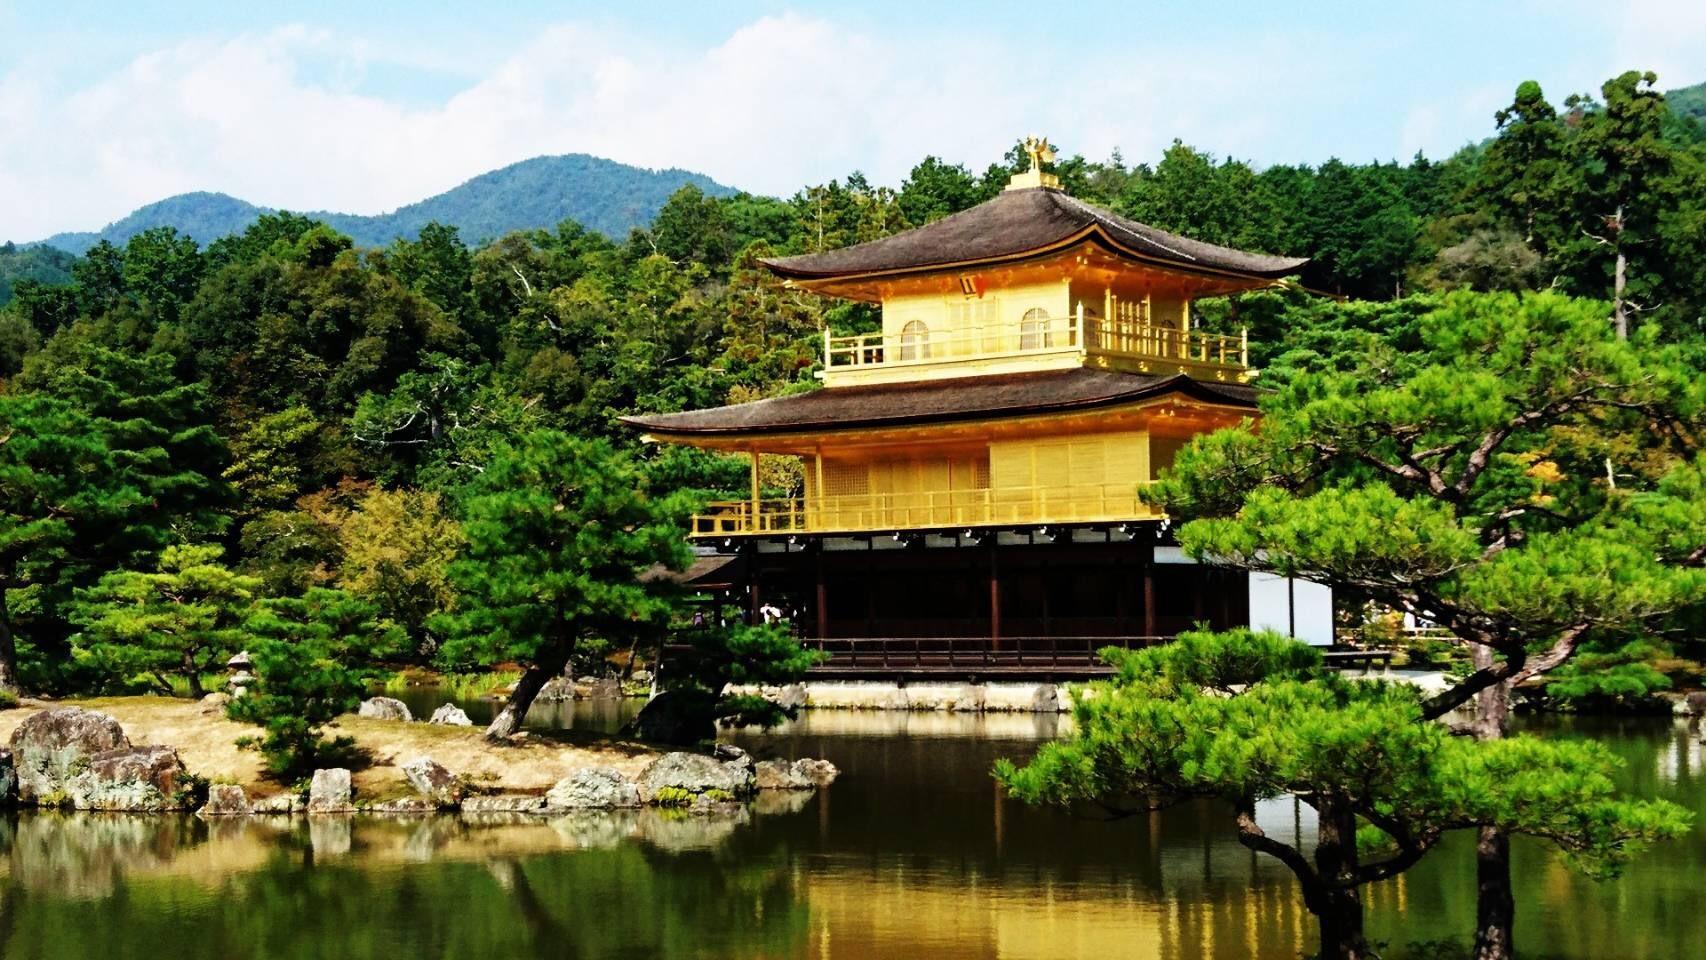 鹿苑寺・金閣寺(京都市)